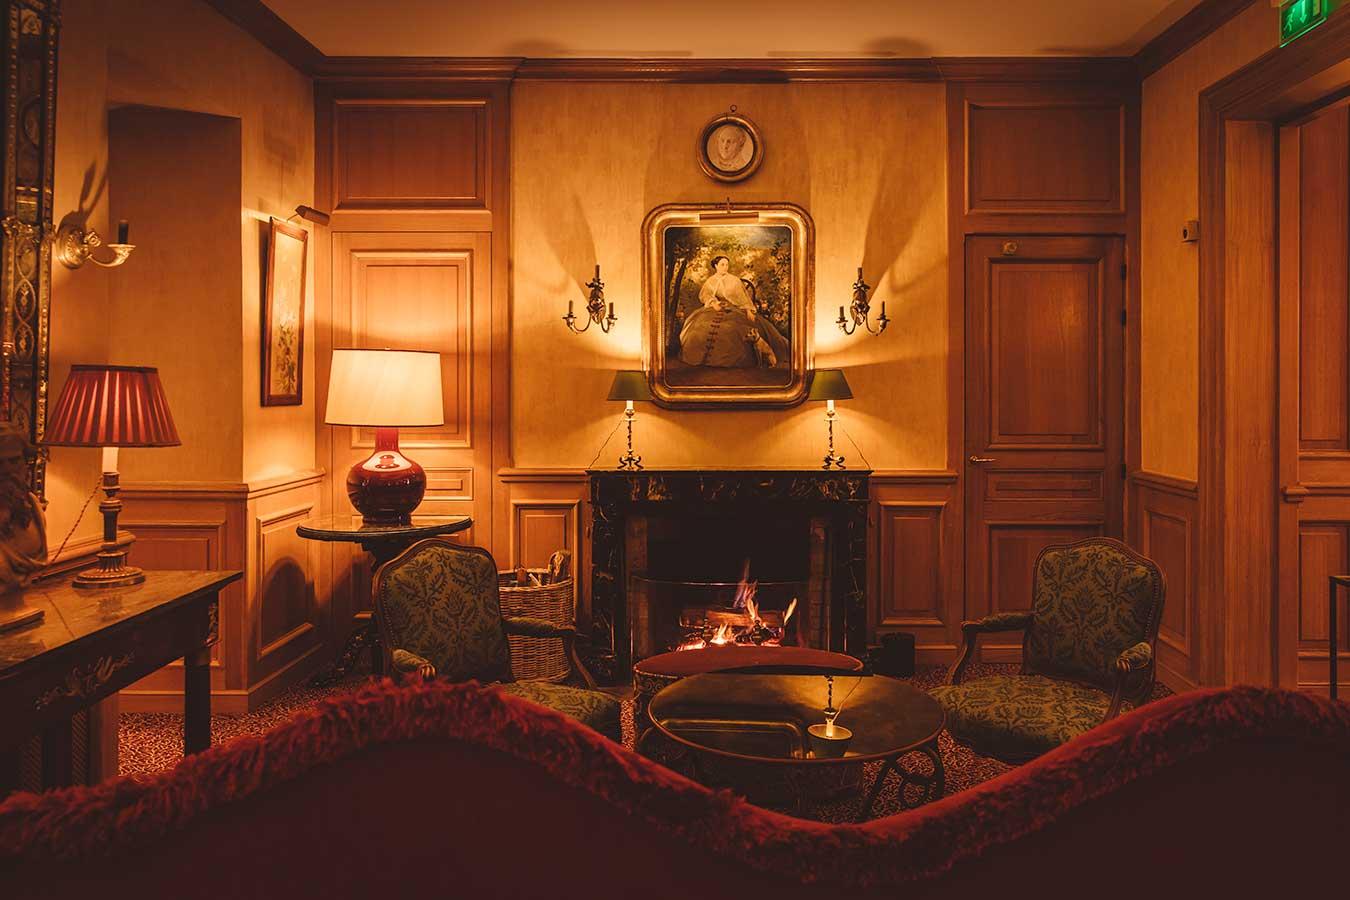 Salon - Grand canapé rouge, table basse ronde avec verre de vin, deux fauteuils à motif vert, feu de cheminée et tableau